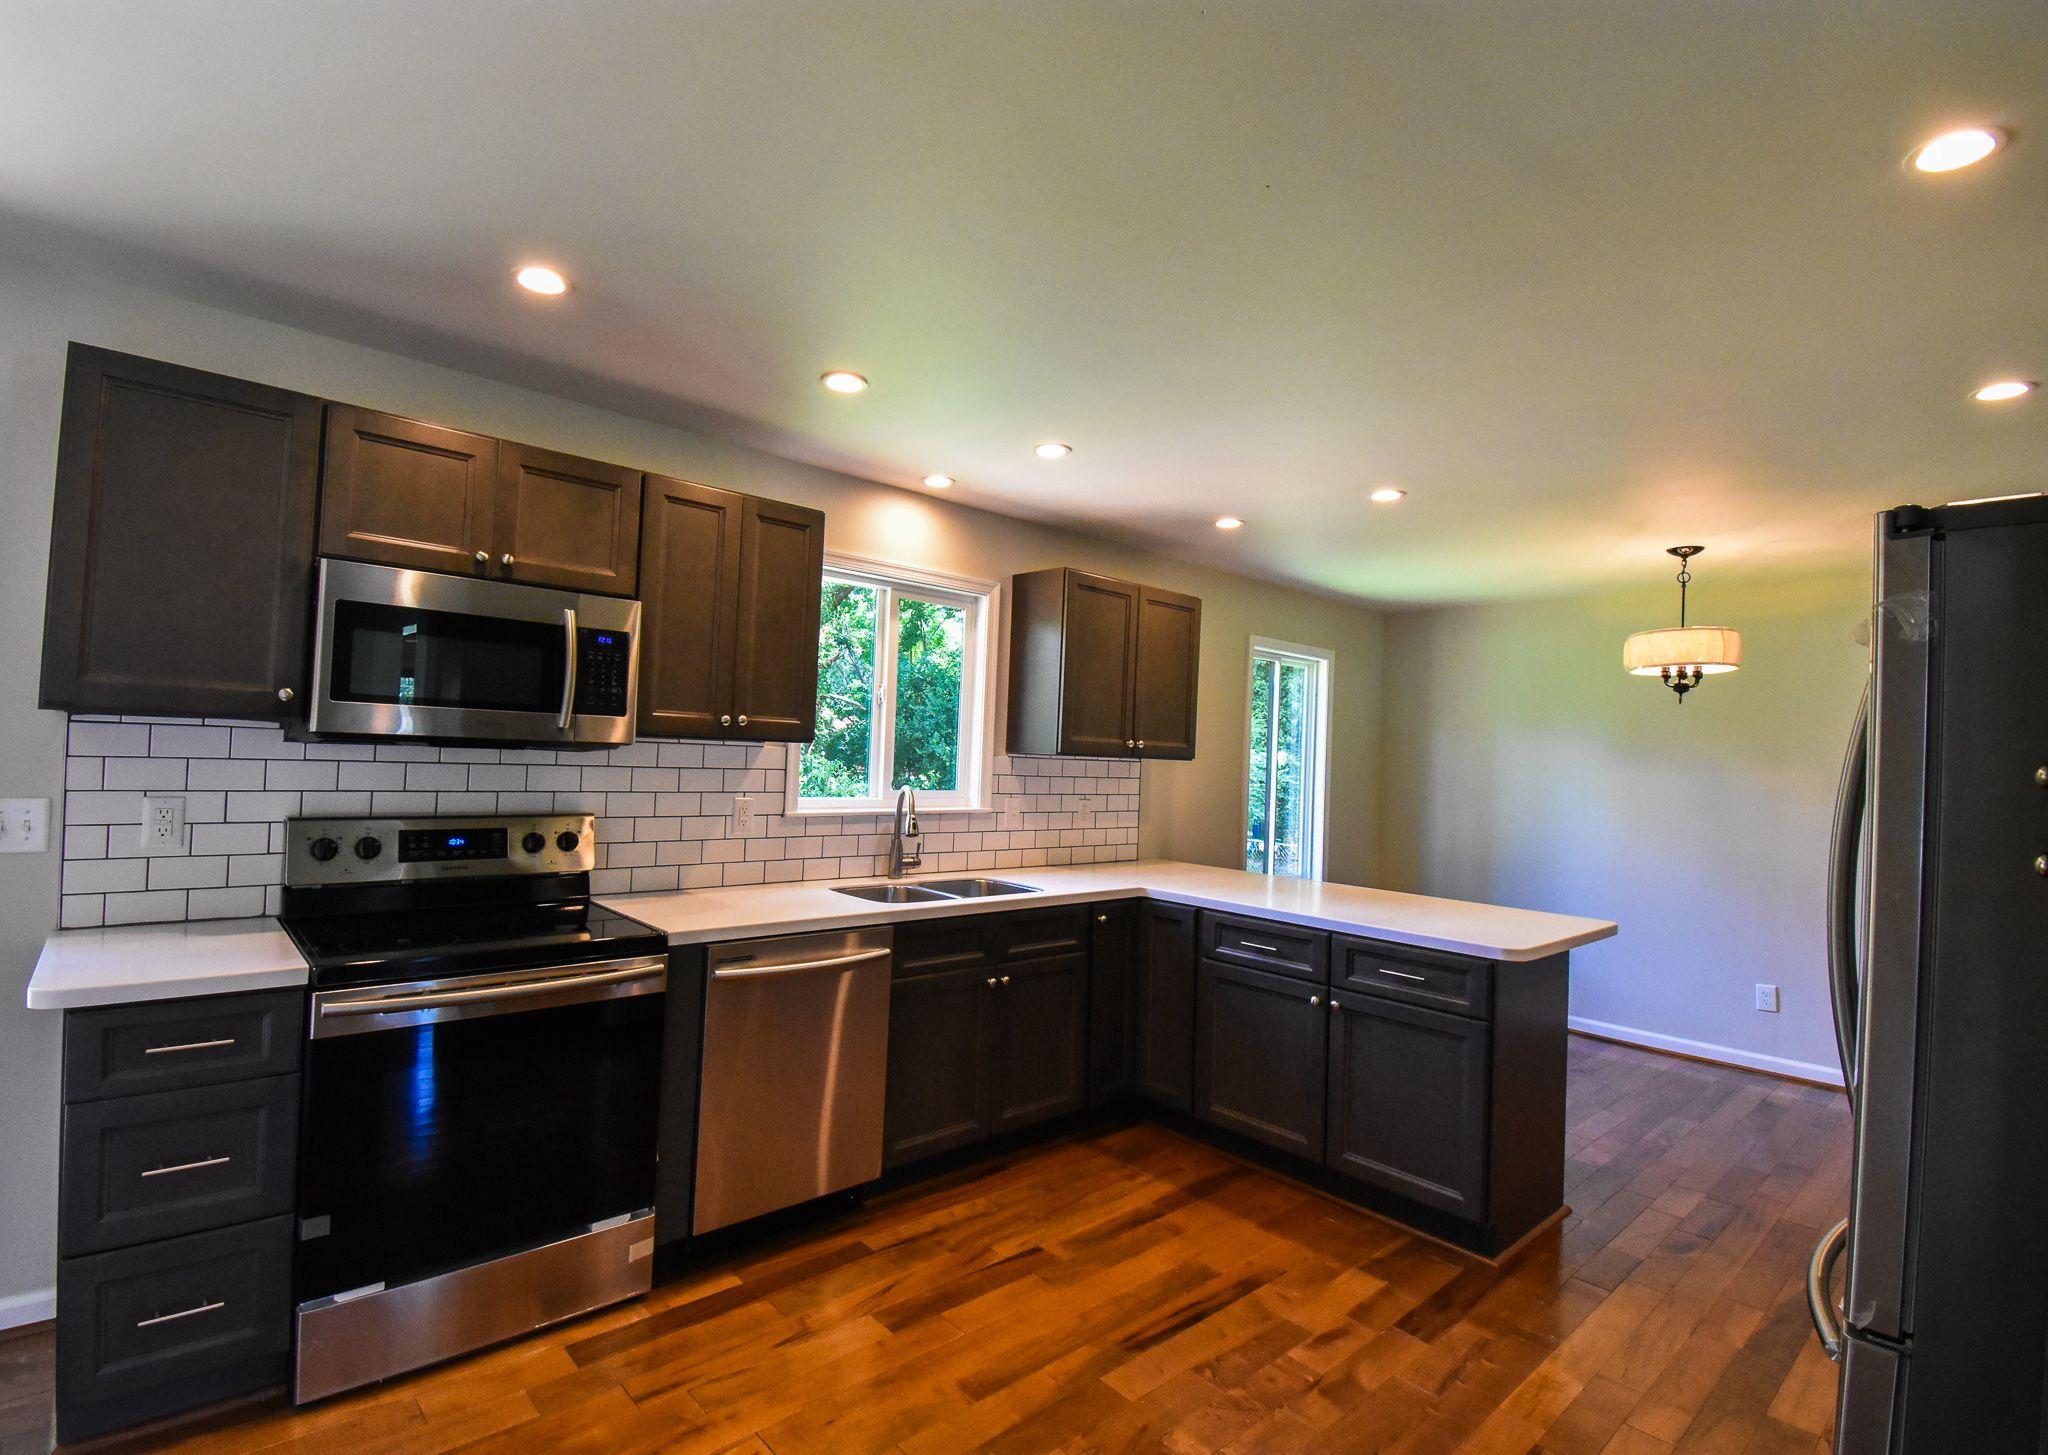 Auction Appliances Kitchen Cabinets Kitchen Appliances